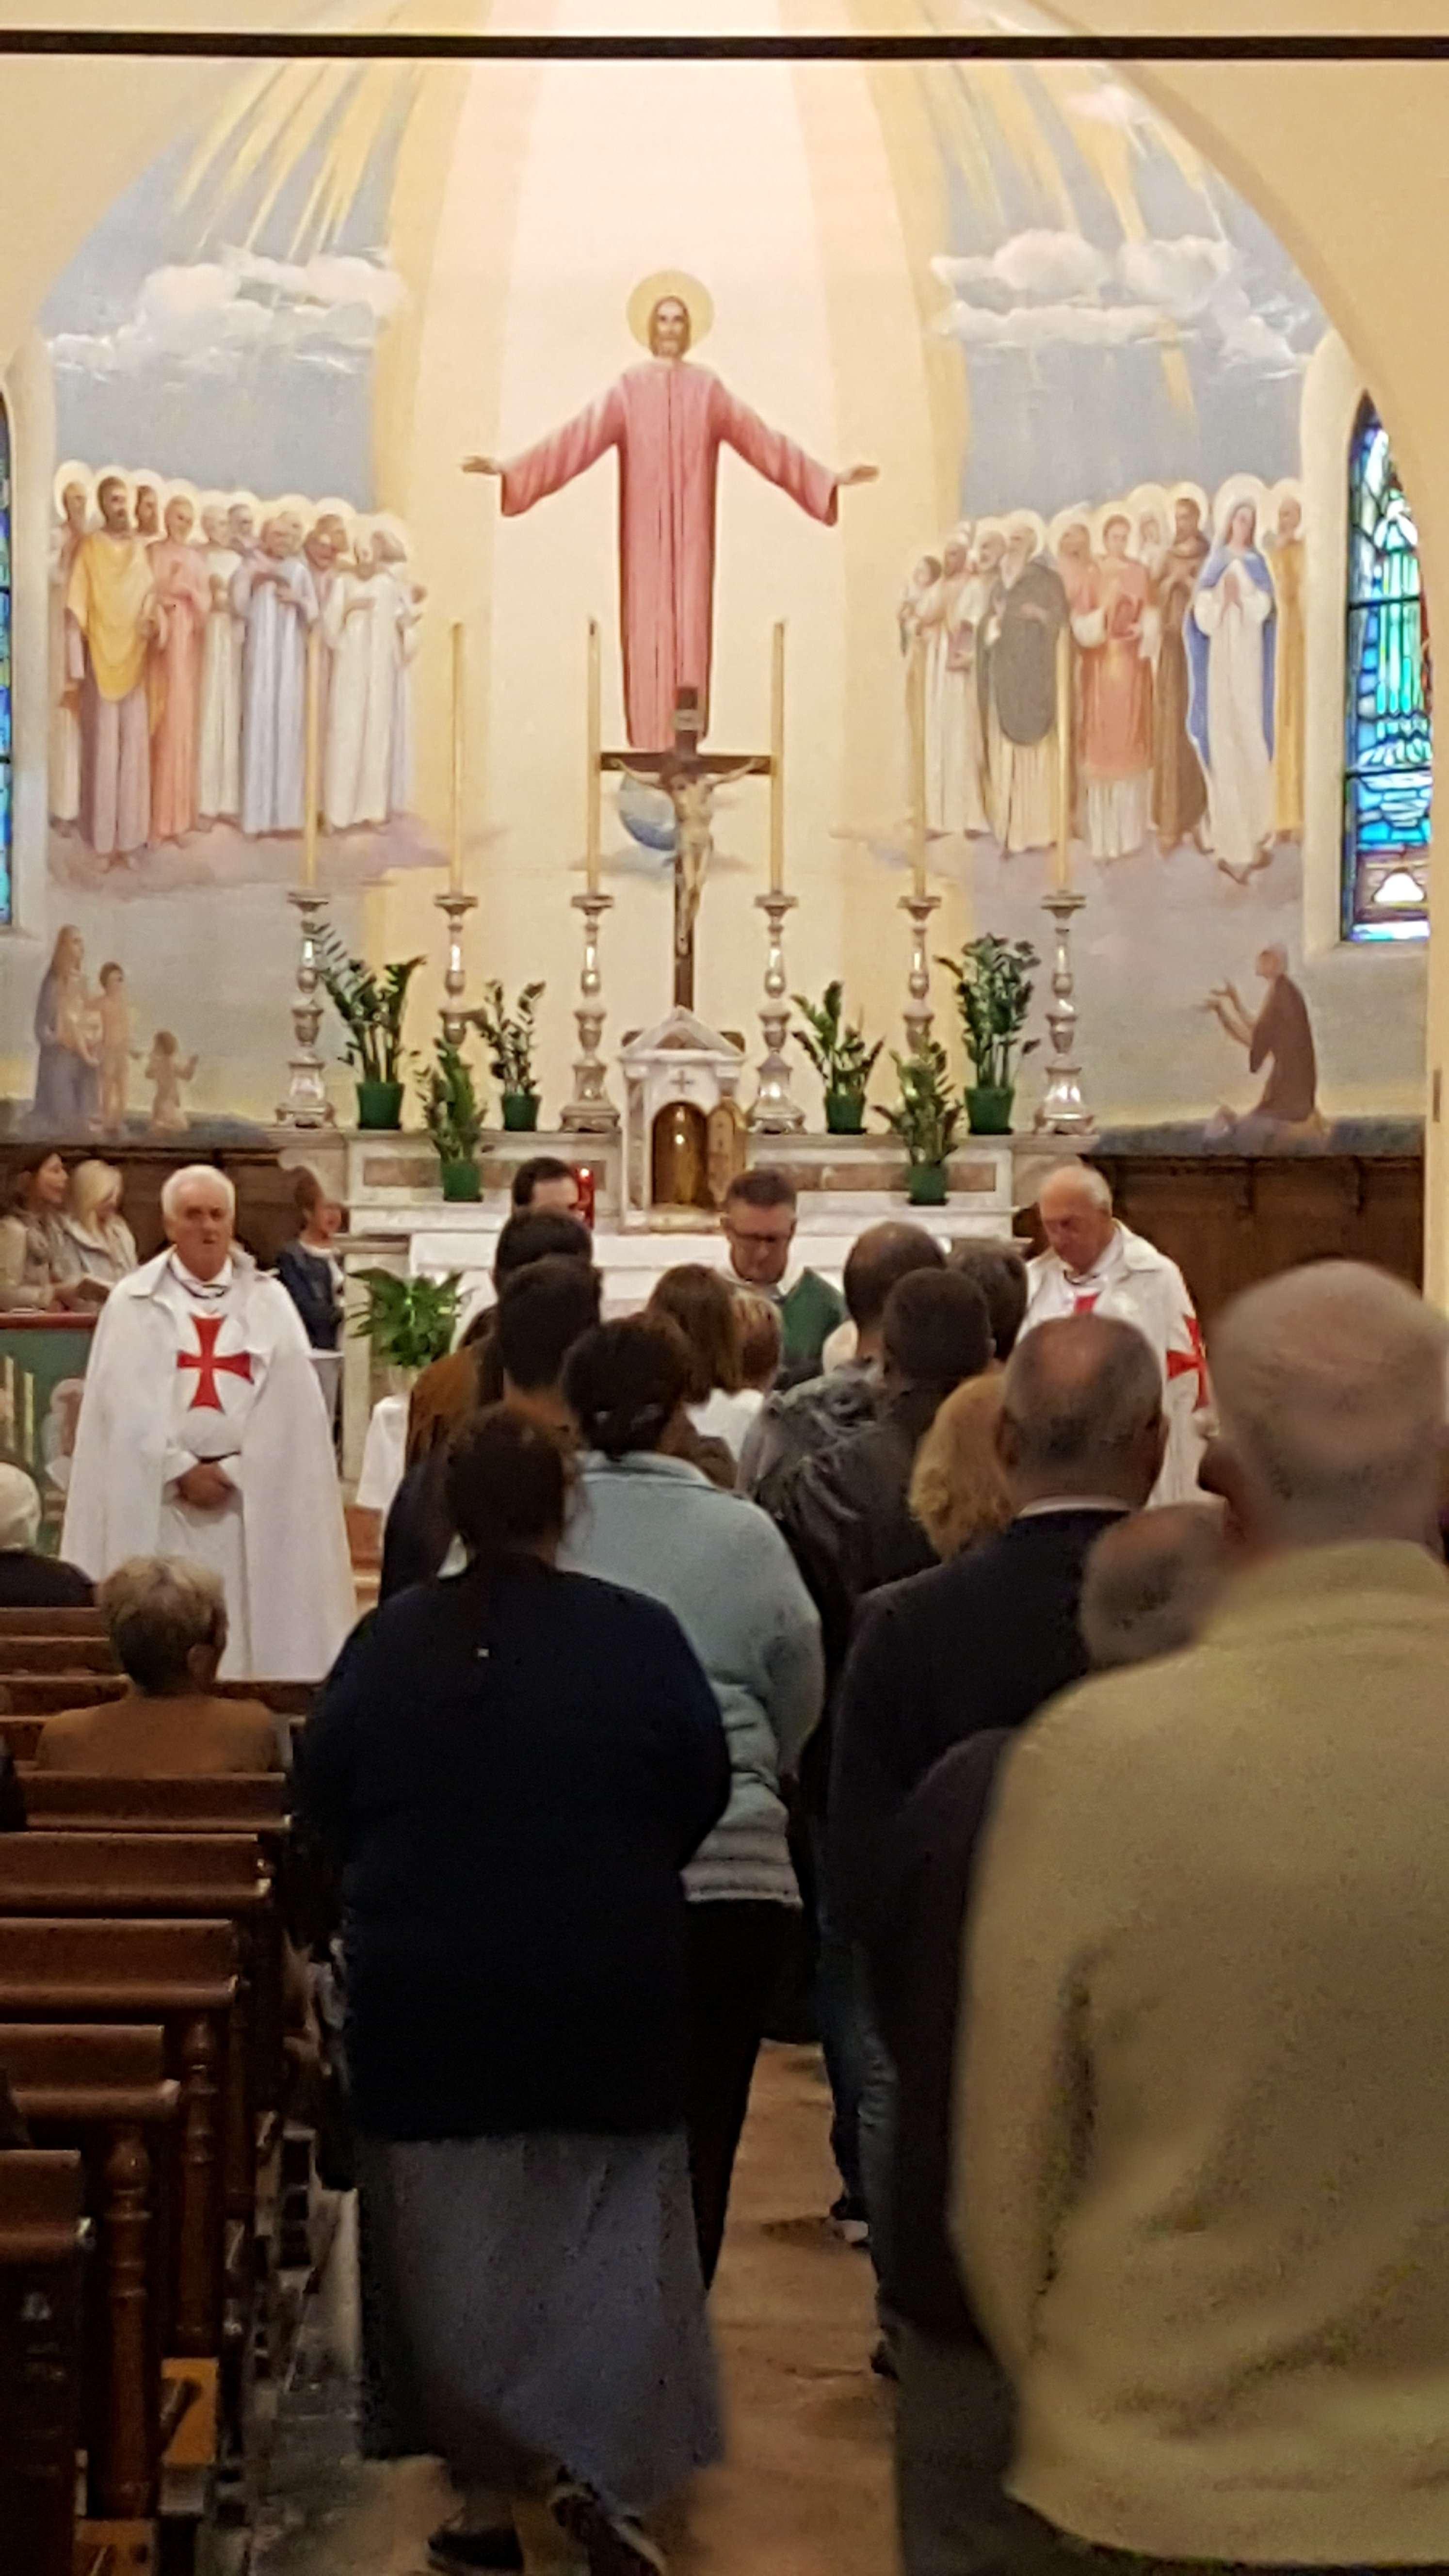 Messa chiesa s. martino Piacenza settembre 2019